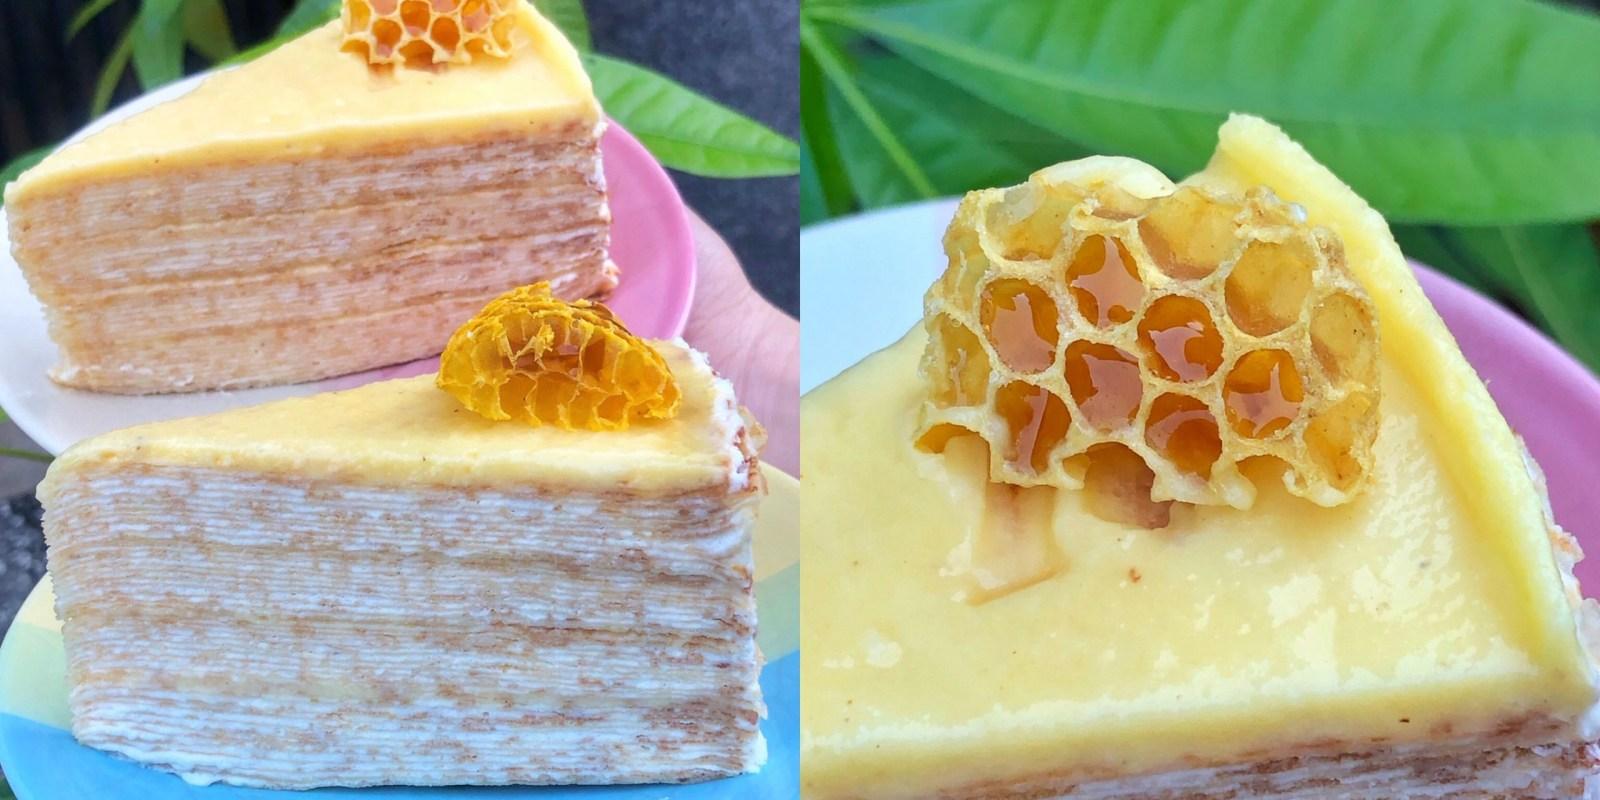 只有台南吃得到「蜂巢蜜蜂千層」一片85元!! 隱藏版便宜千層蛋糕底加,通通百元有找 一天開3.5小時